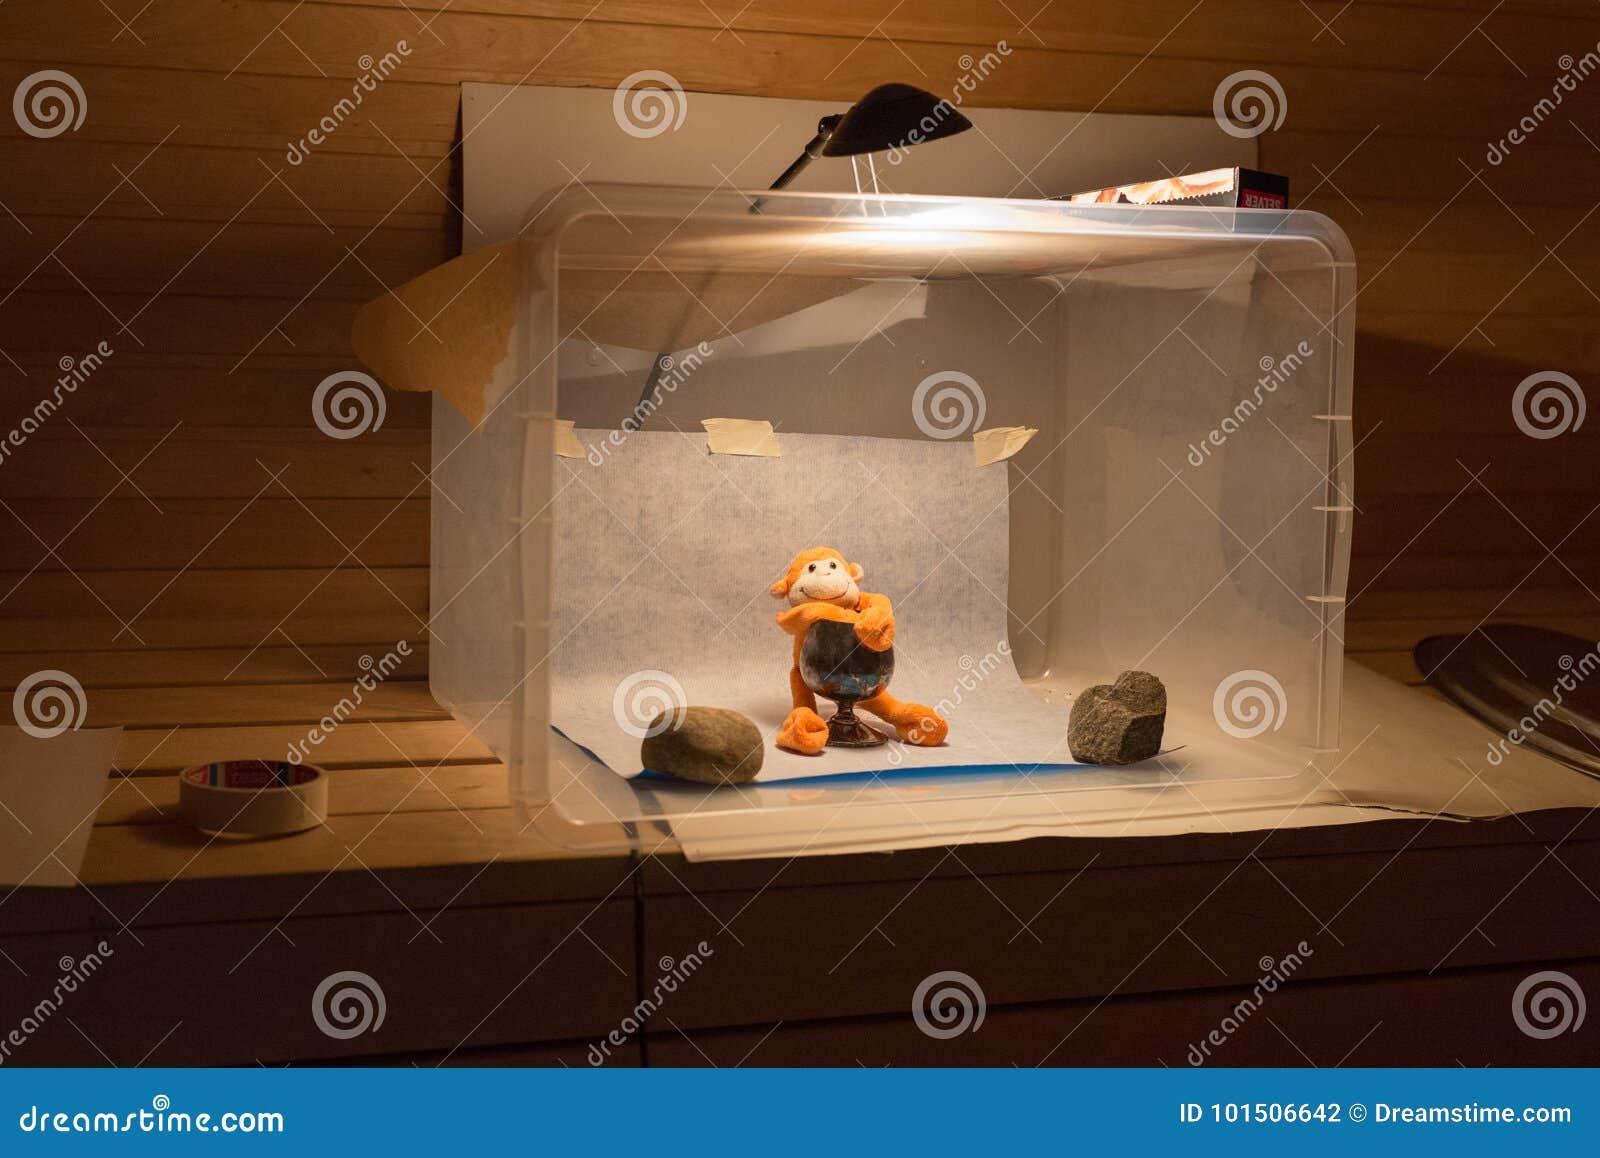 Amateurhuis Gemaakt Tot Fotostudio In De Sauna Goedkope Zelf